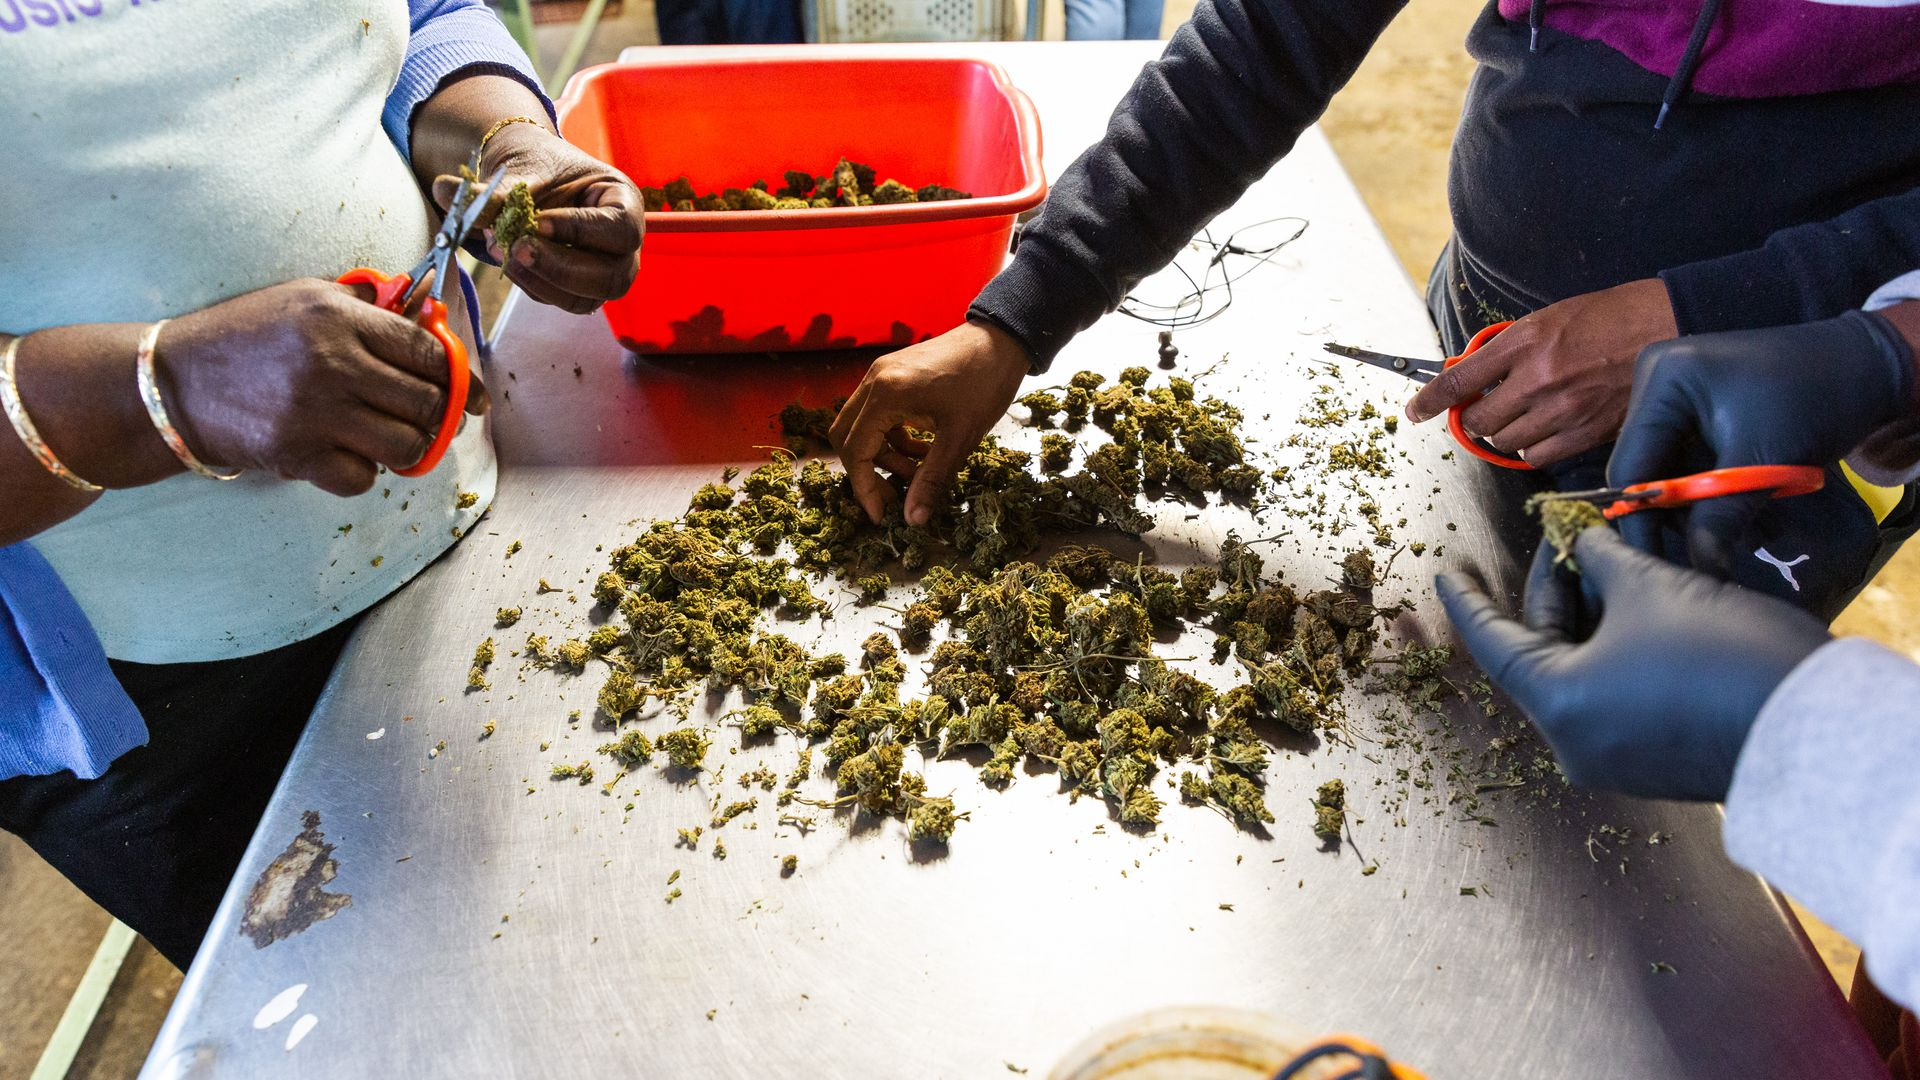 Marijuana on a metal table